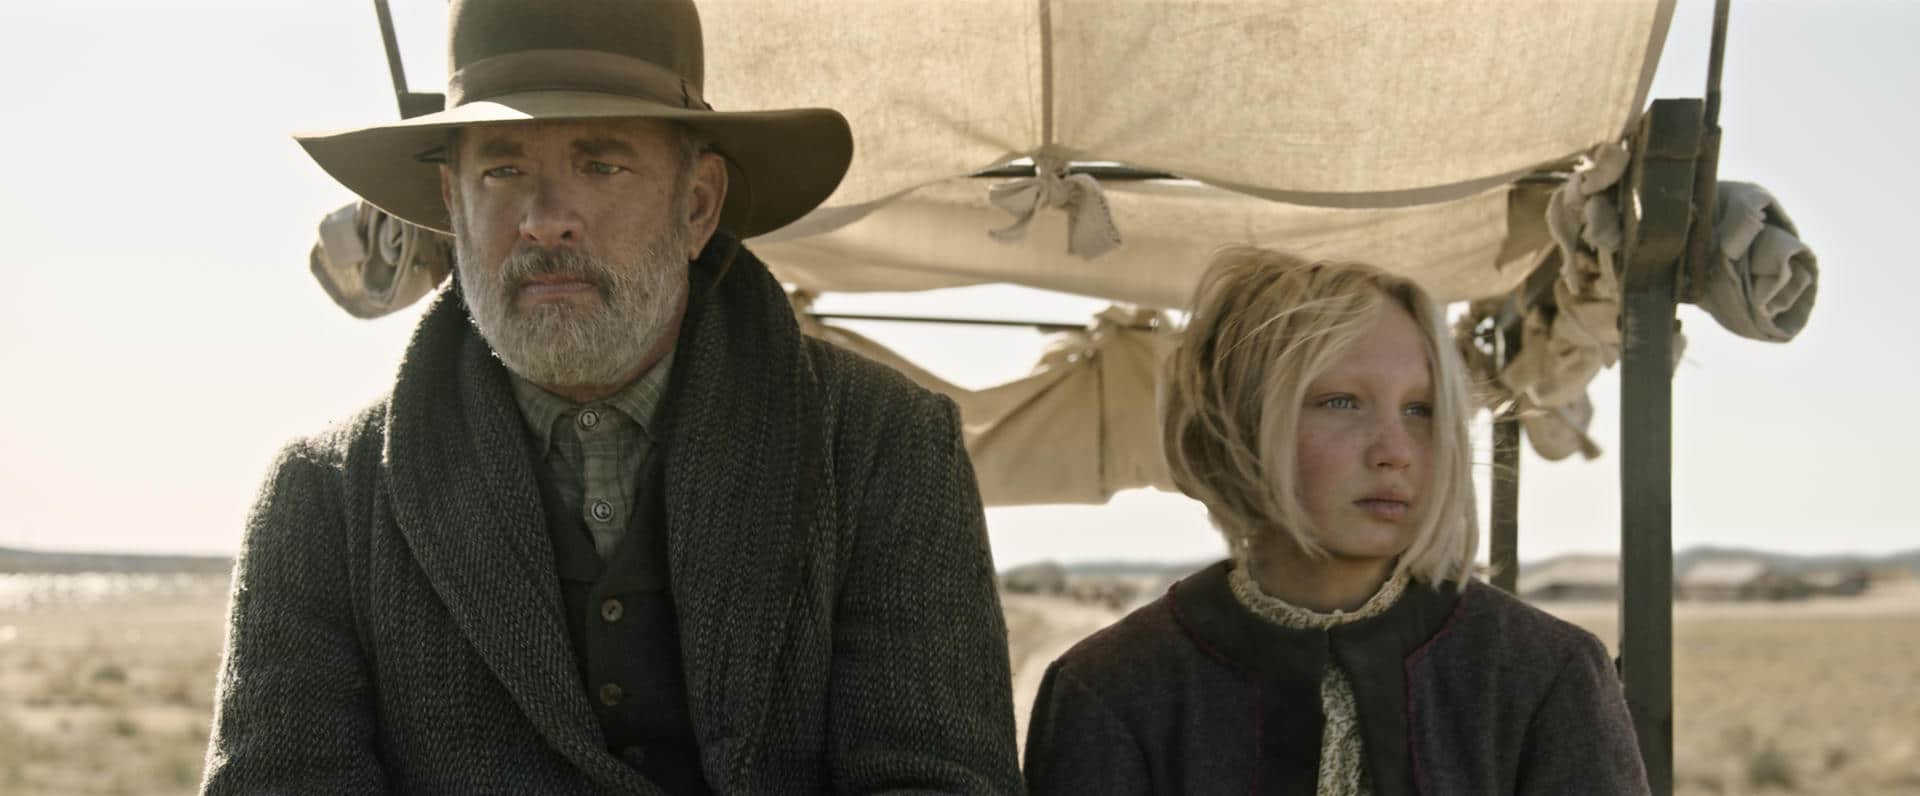 Notizie dal mondo recensione film di Paul Greengrass con Tom Hanks e Helena Zengel